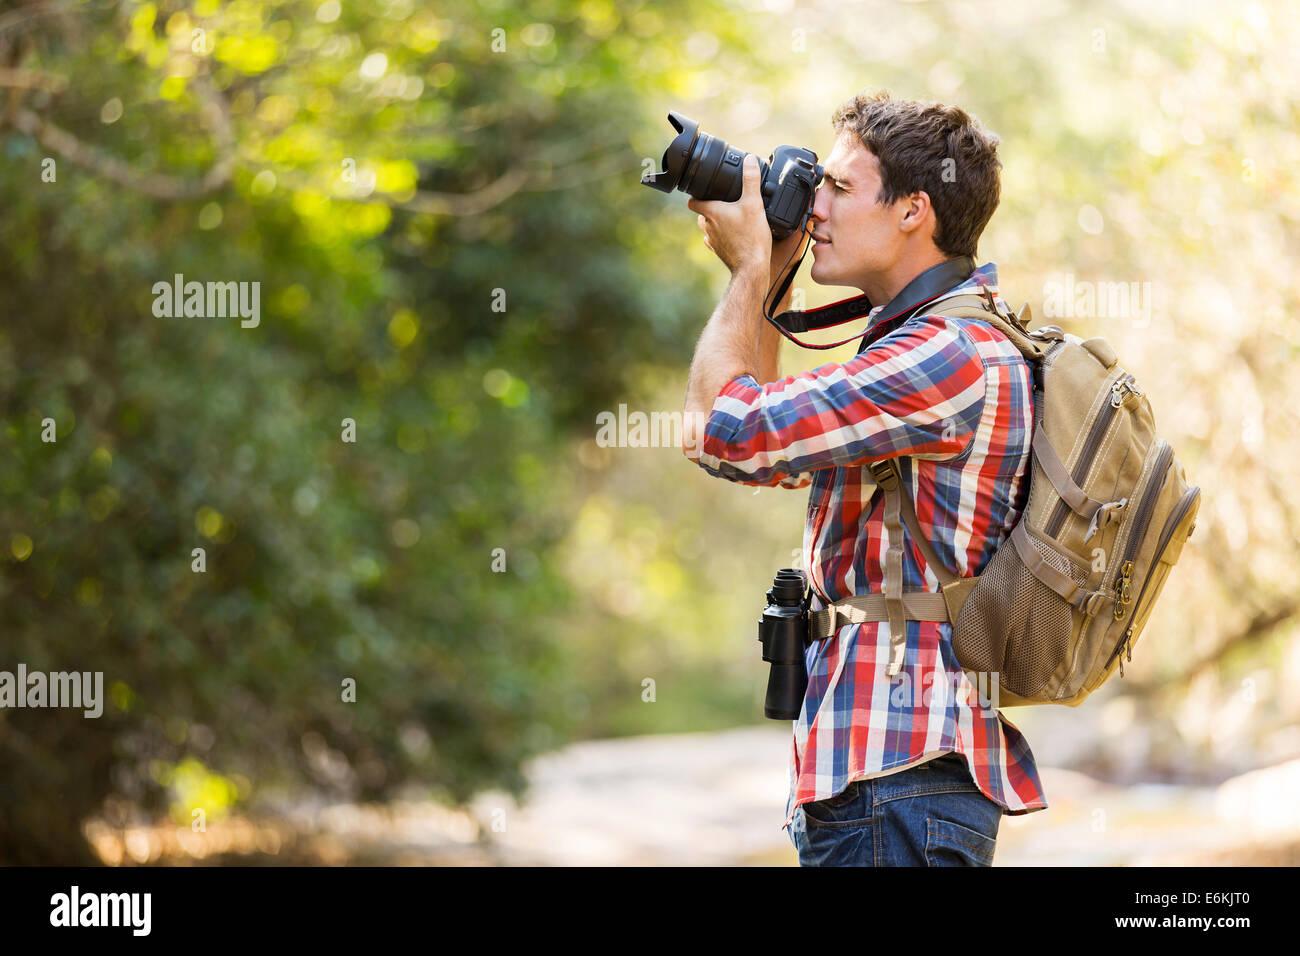 junge Wanderer fotografieren im Bergtal Stockbild